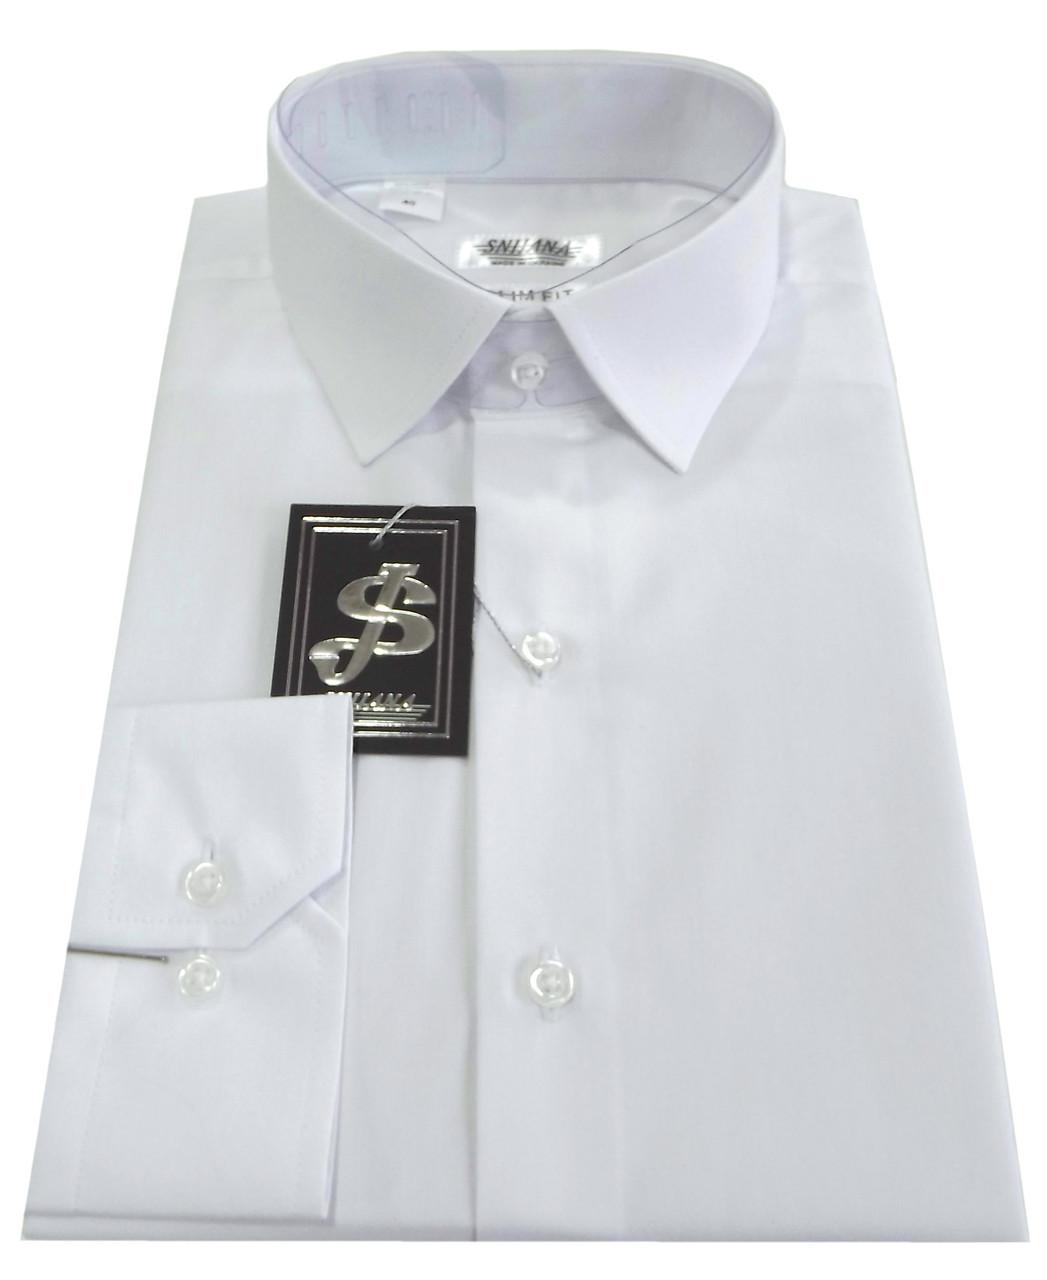 Рубашка мужская белая №10- Dacron 1